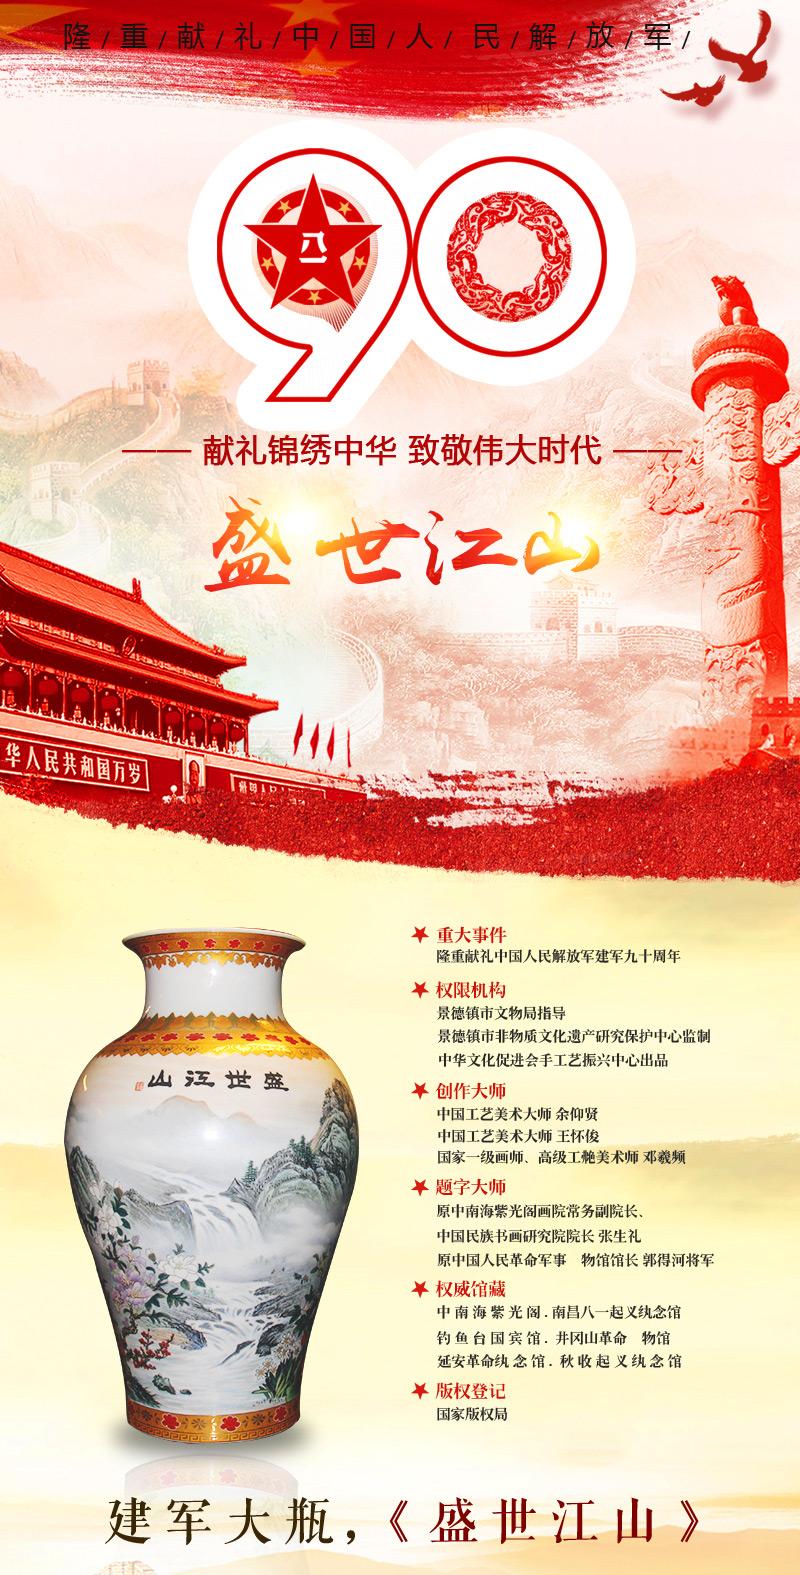 建军大瓶《盛世江山》特制珍藏瓷